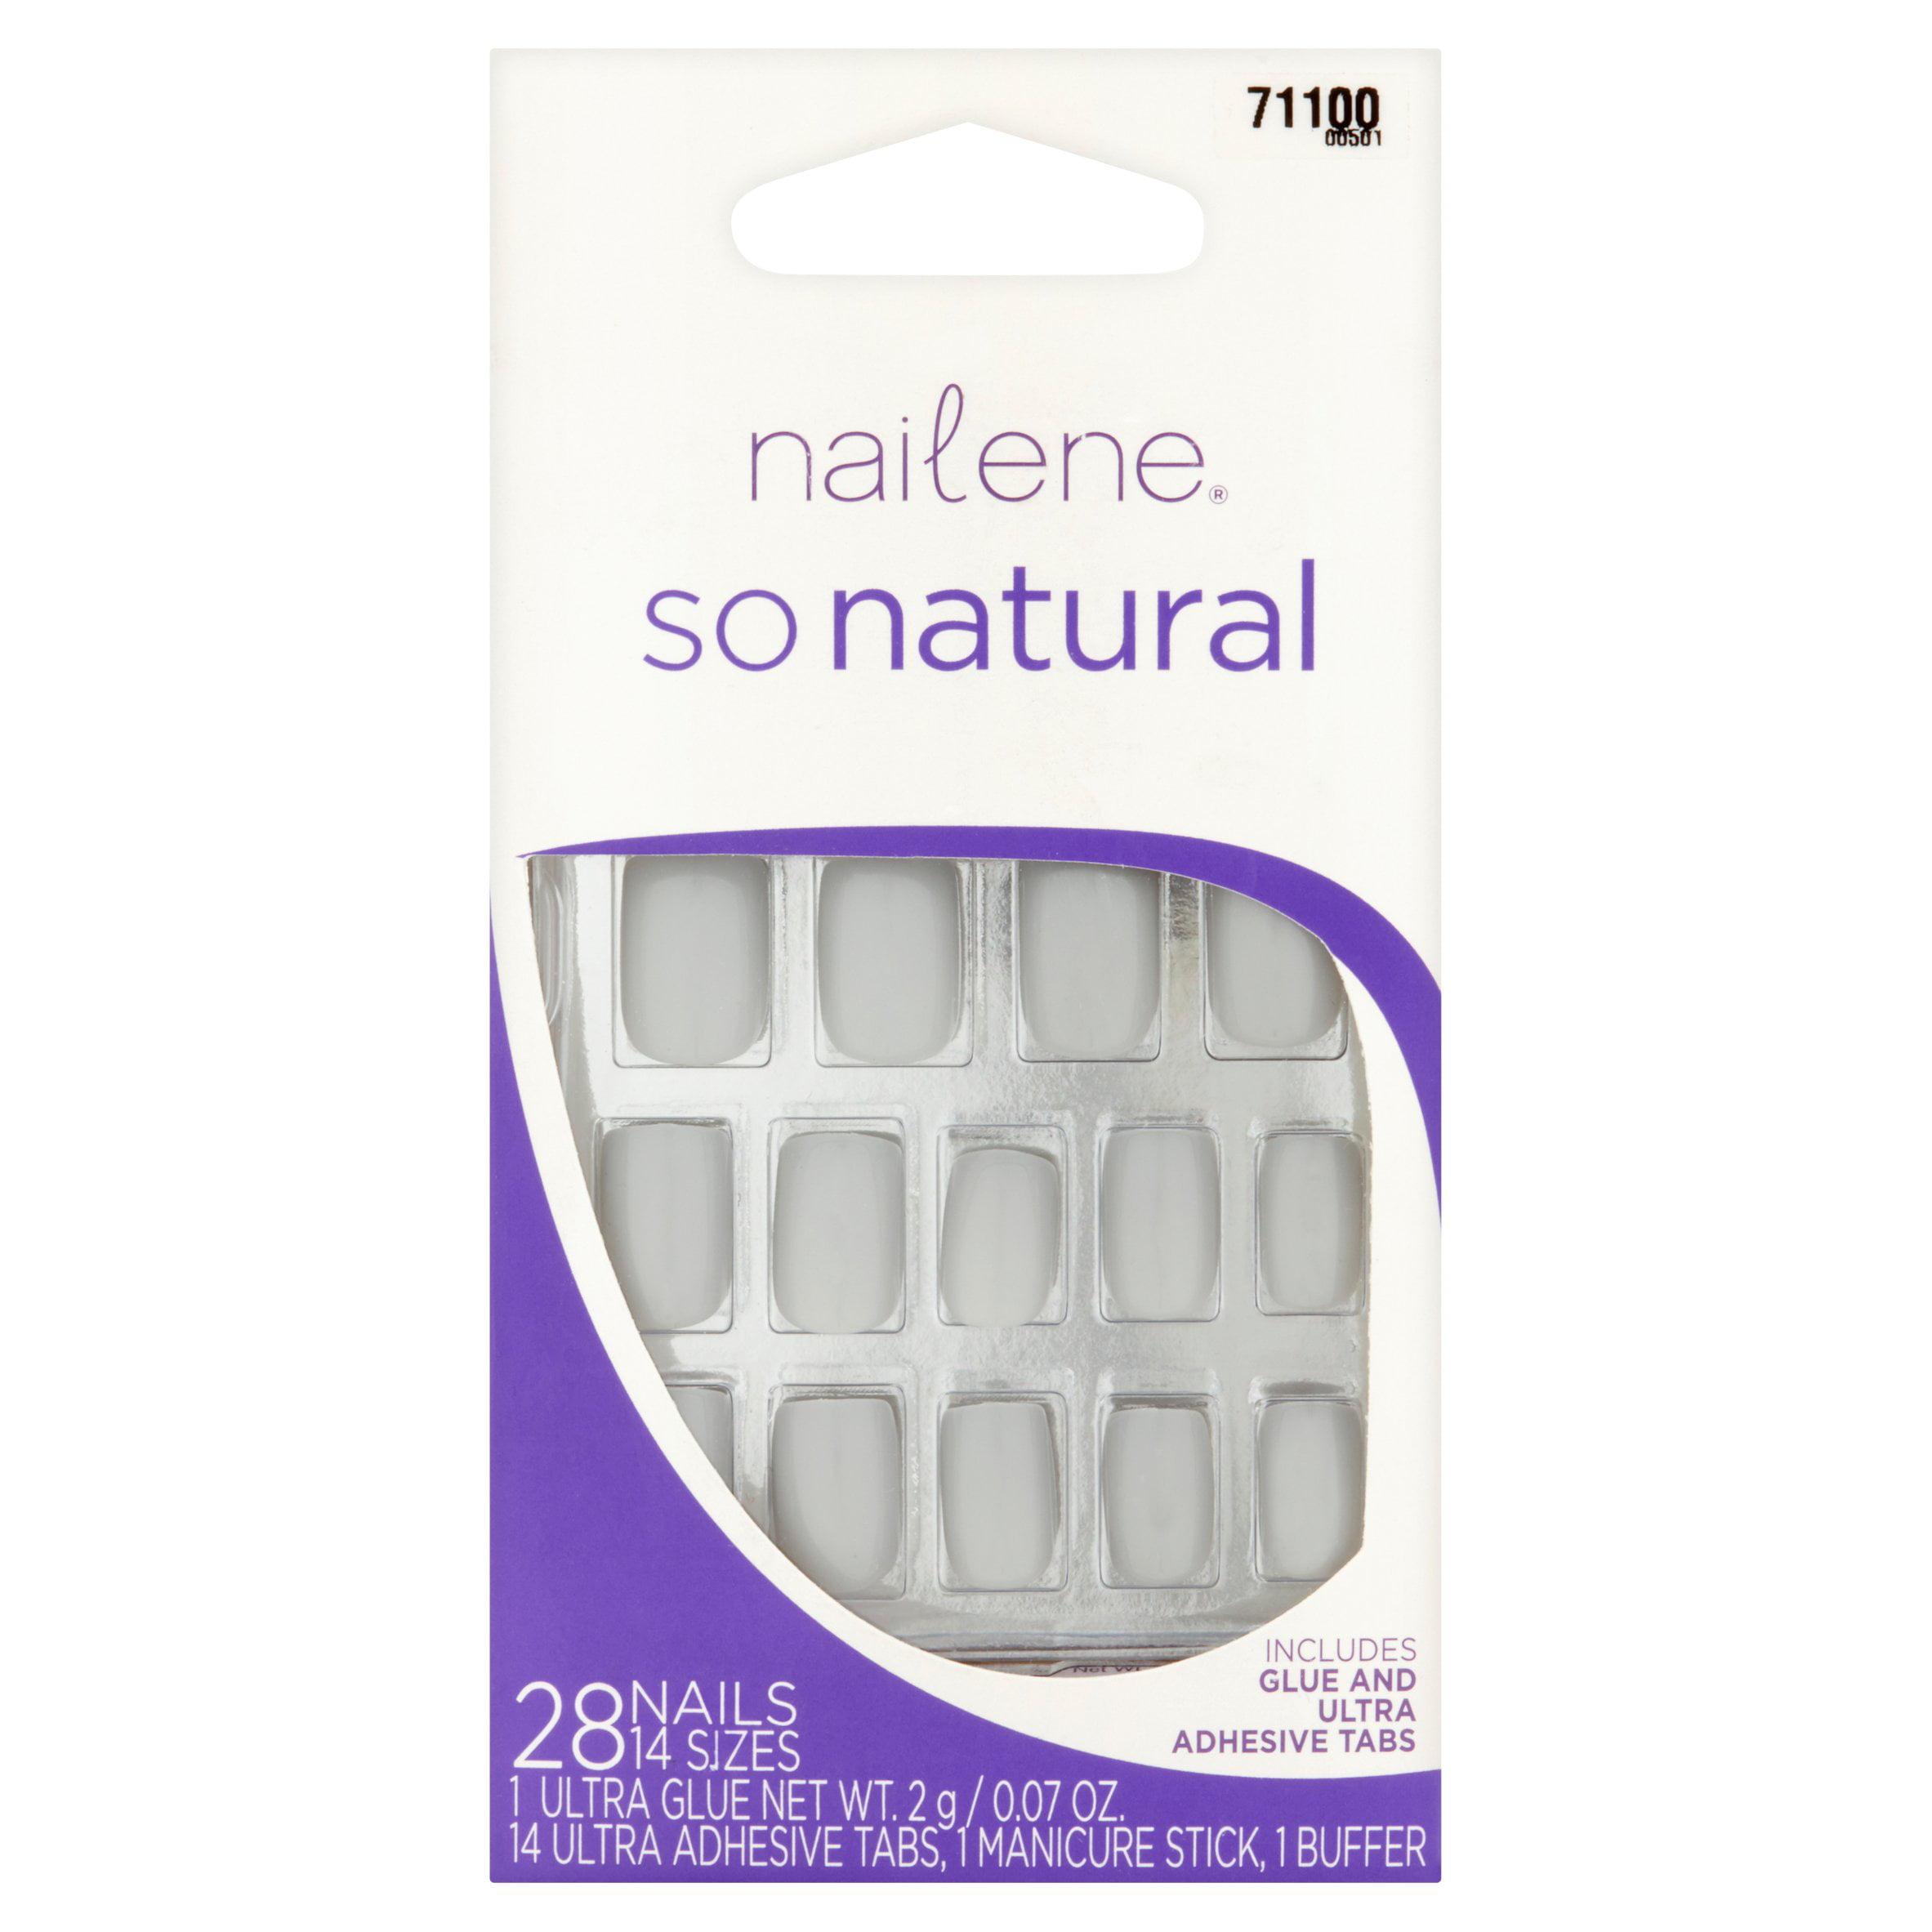 Nailene So Natural Nails, 28 count